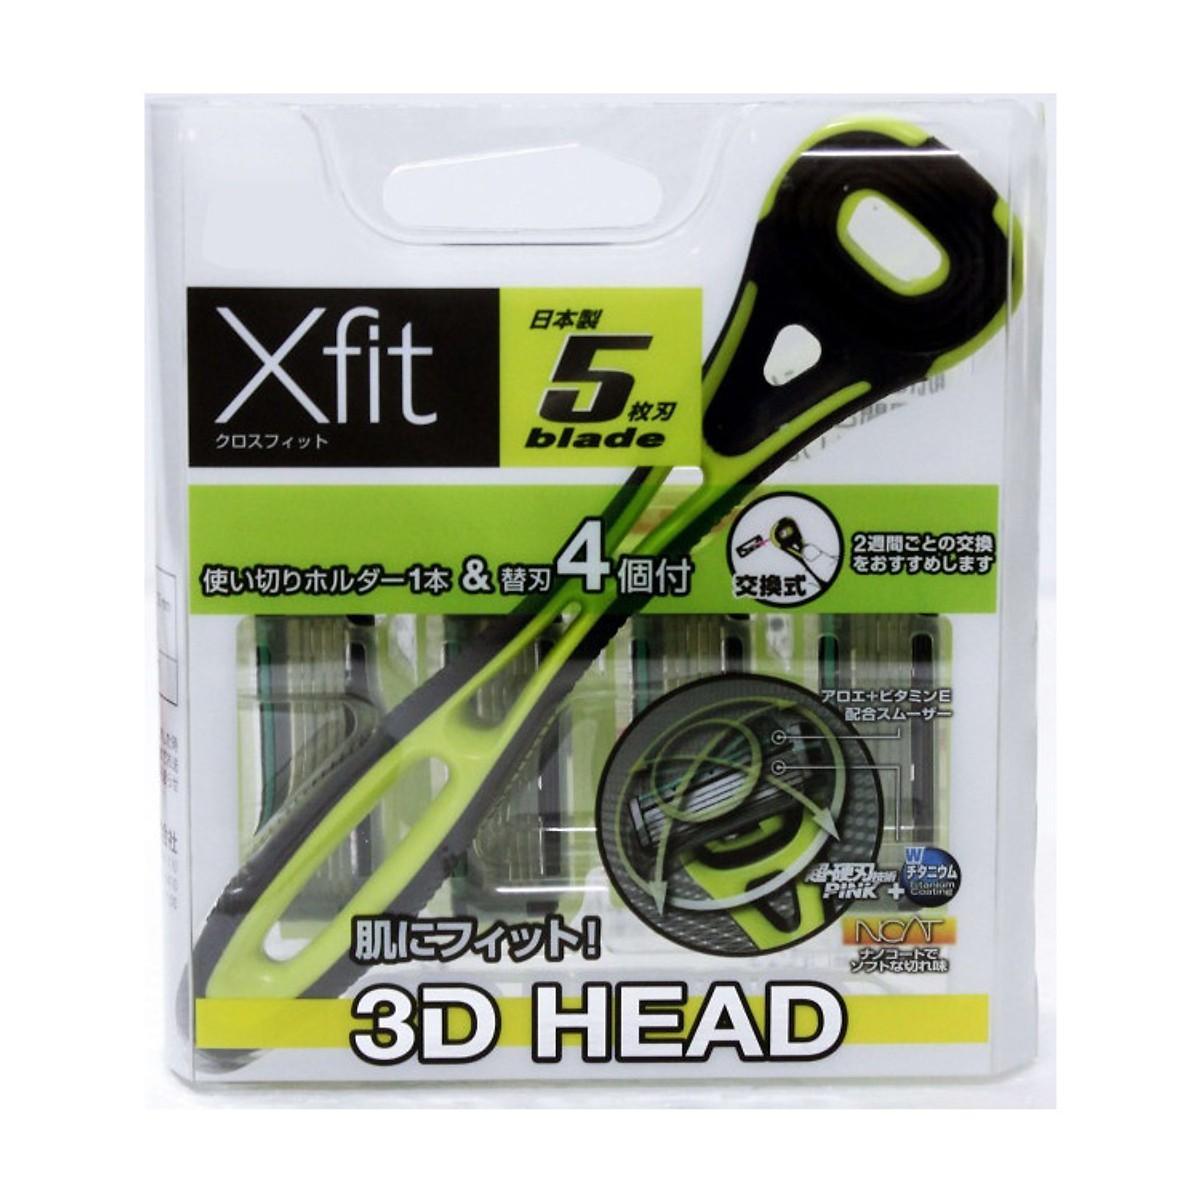 Bộ Dao cạo râu 5 lưỡi kép Xfit (1 thân, 4 lưỡi thay thế) Hộp vuông hàng Nhật Bản tốt nhất